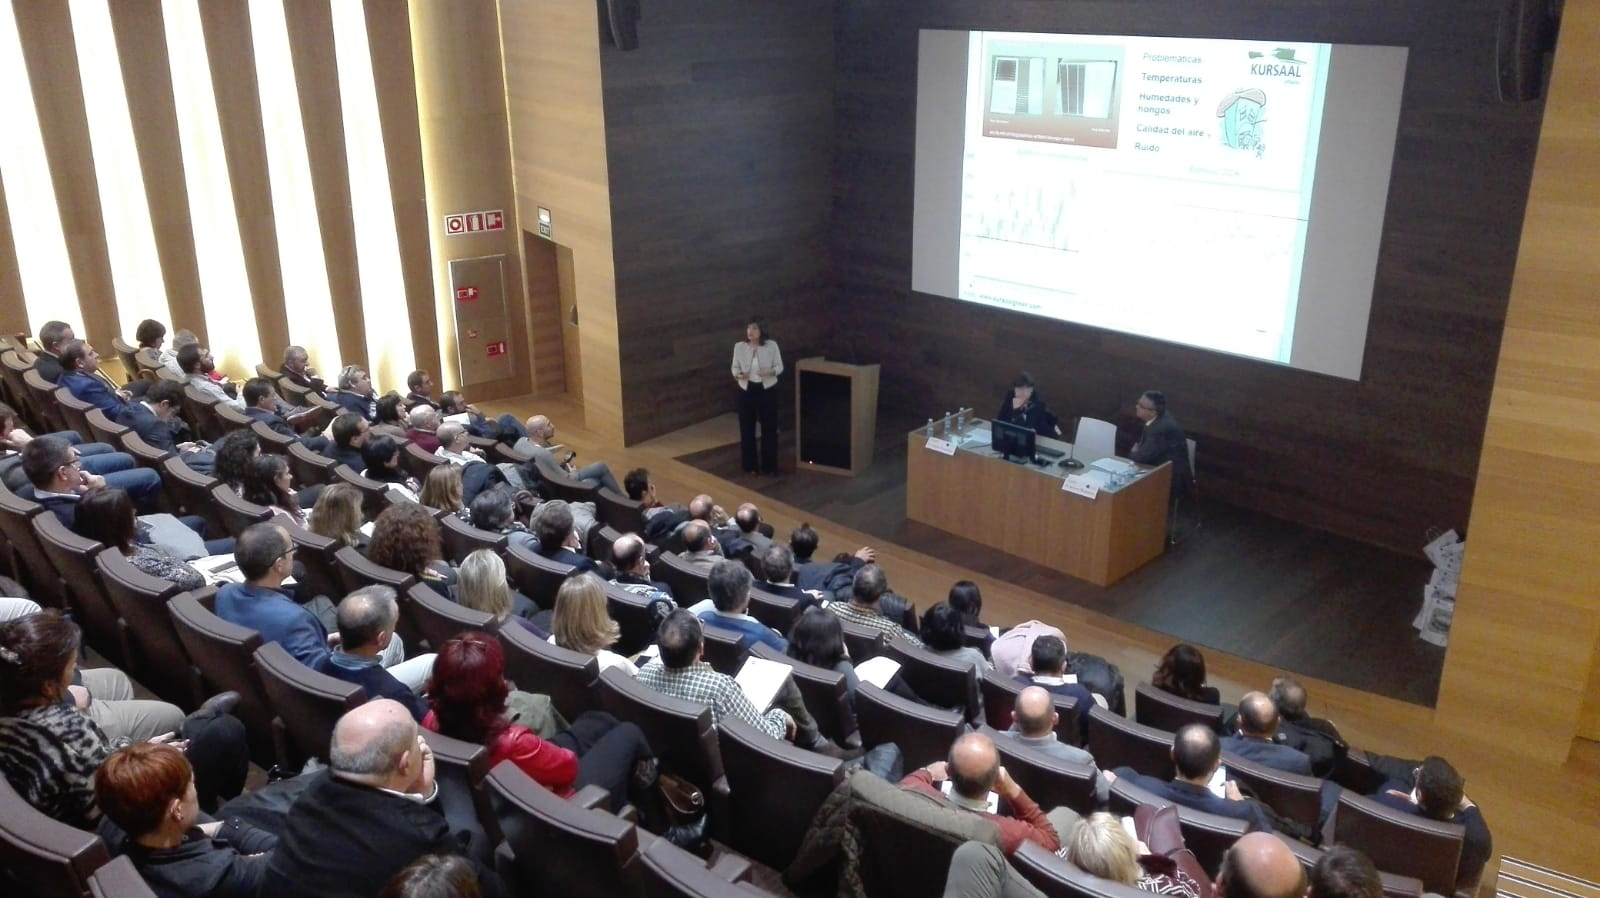 imagen 2 de noticia: impartimos-ponencia-en-el-i-encuentro-ekieraikin-organizado-por-cafguial